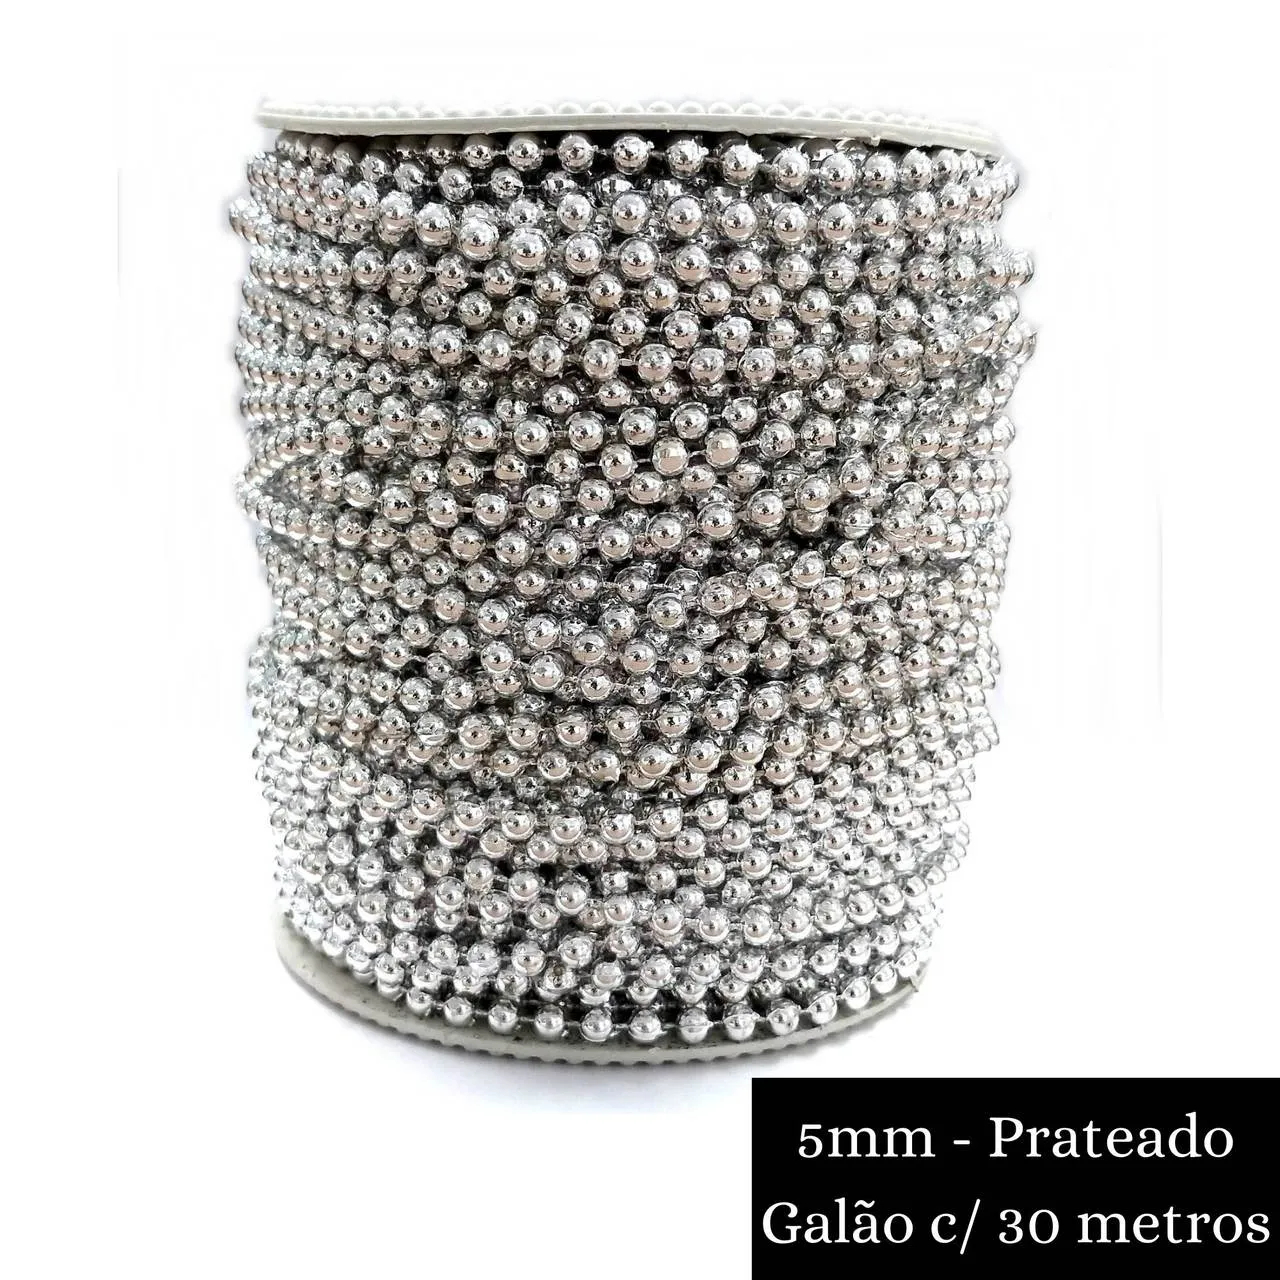 Galão Corrente / Aljofre Plástico Formato Conta Lisa - 1 Galão